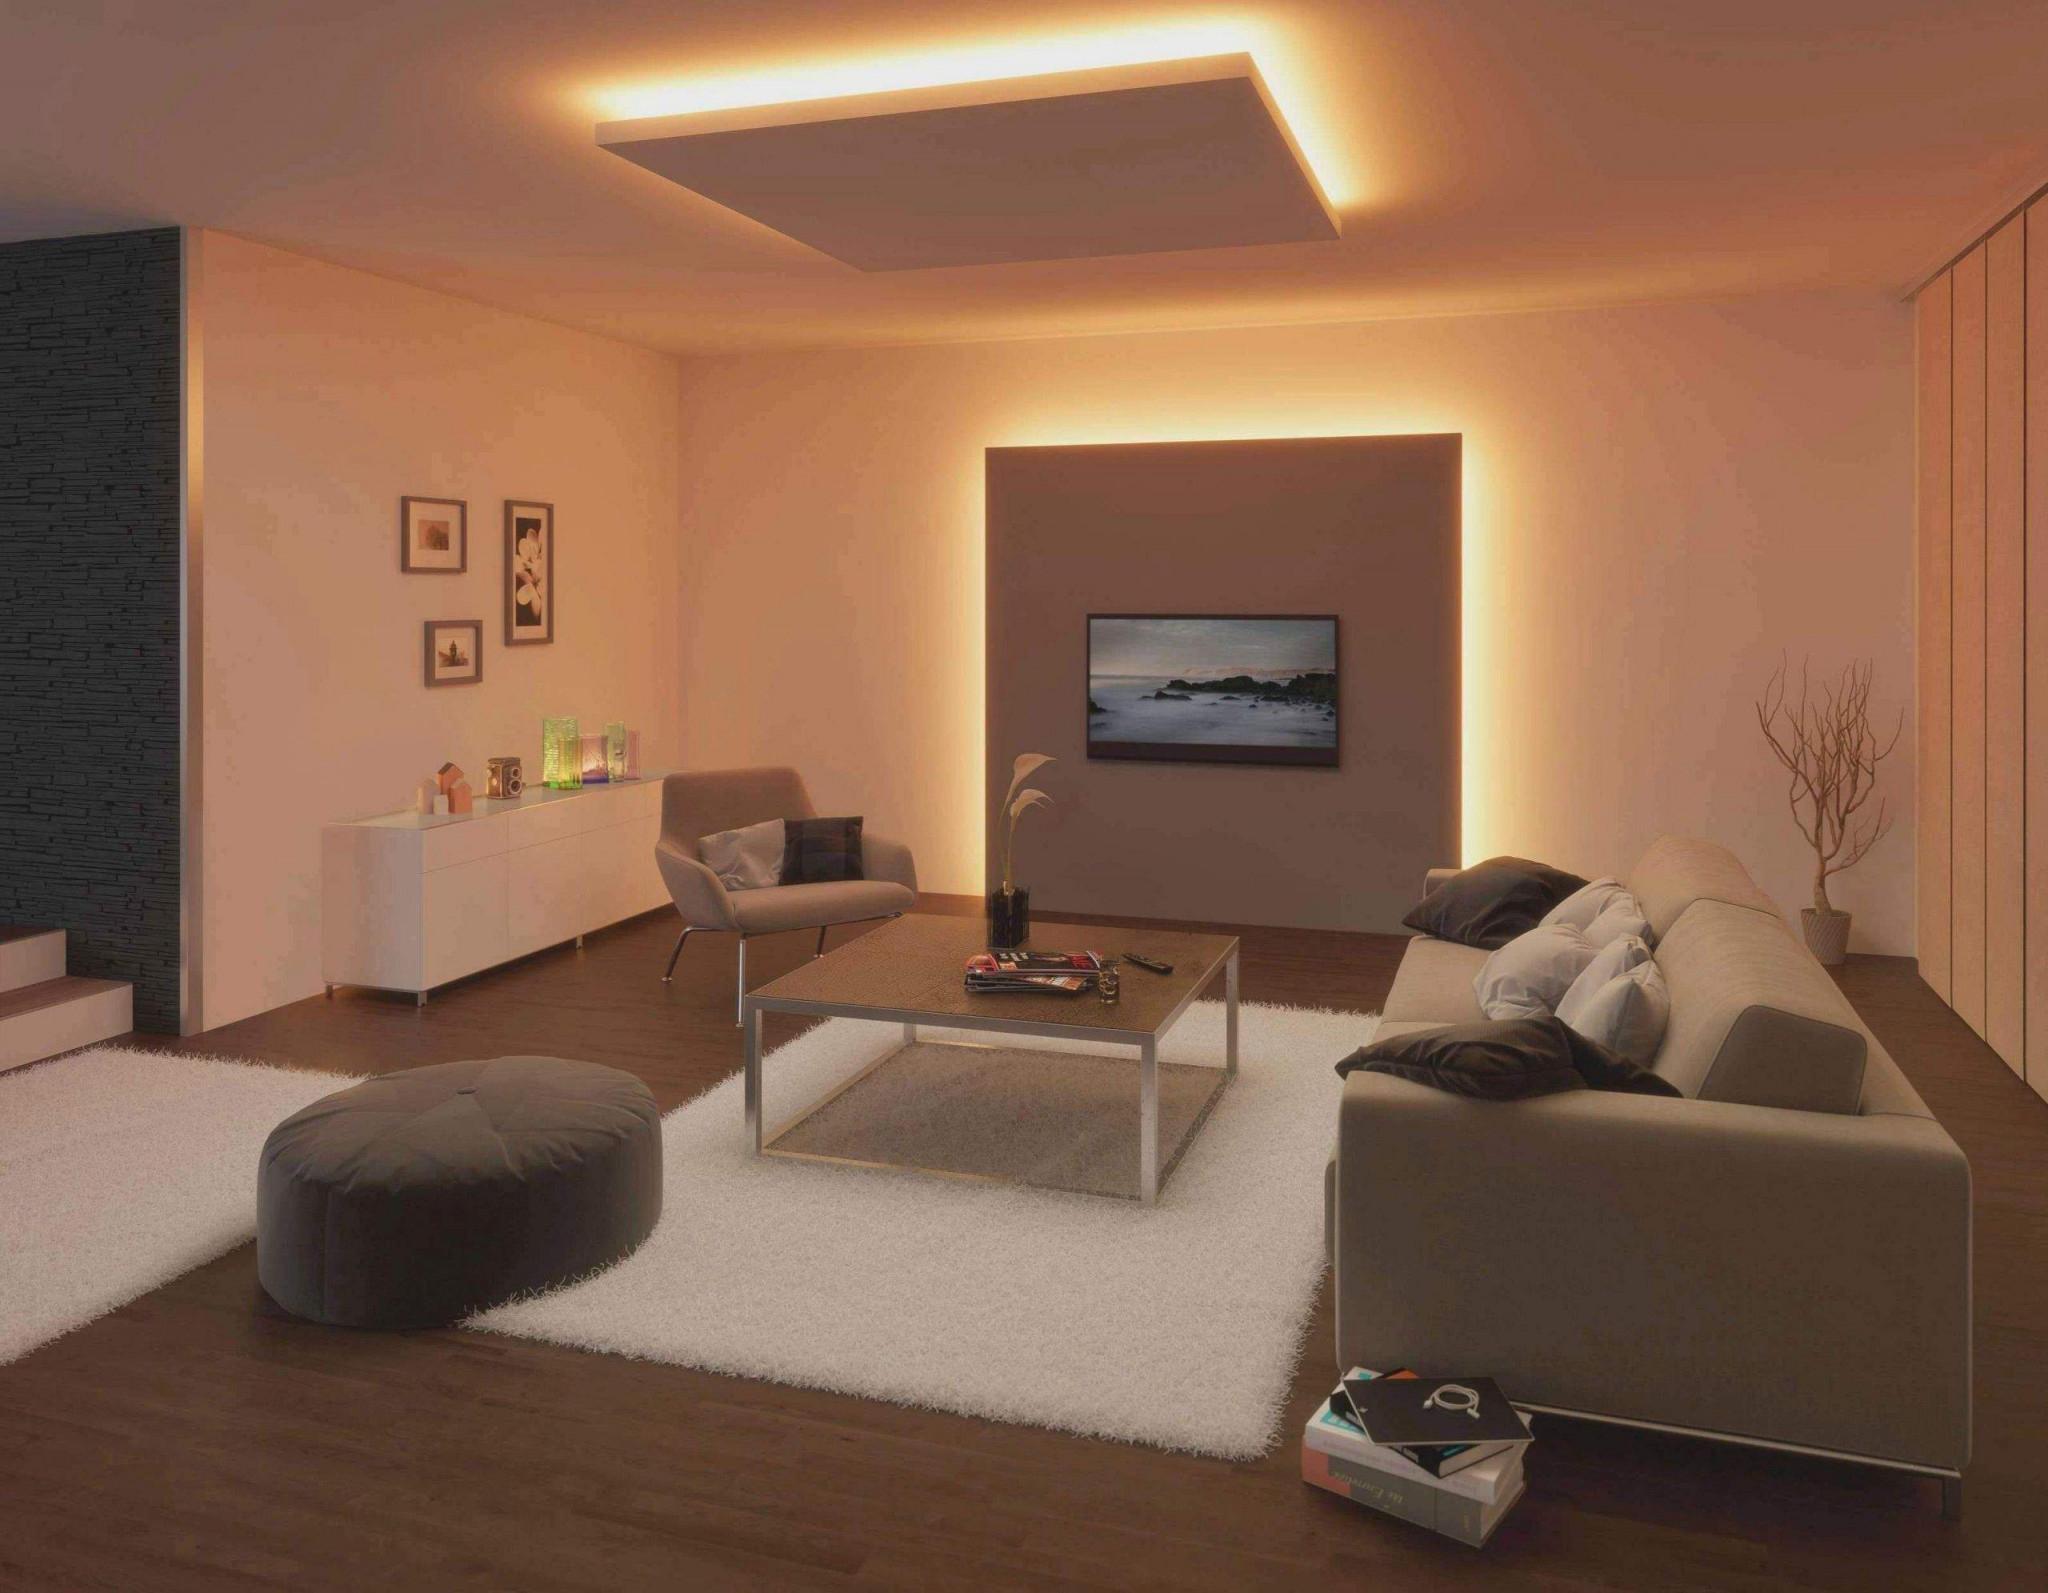 Wohnzimmer Renovieren Ideen Reizend 28 Elegant Wohnzimmer von Wohnzimmer Renovieren Ideen Bild